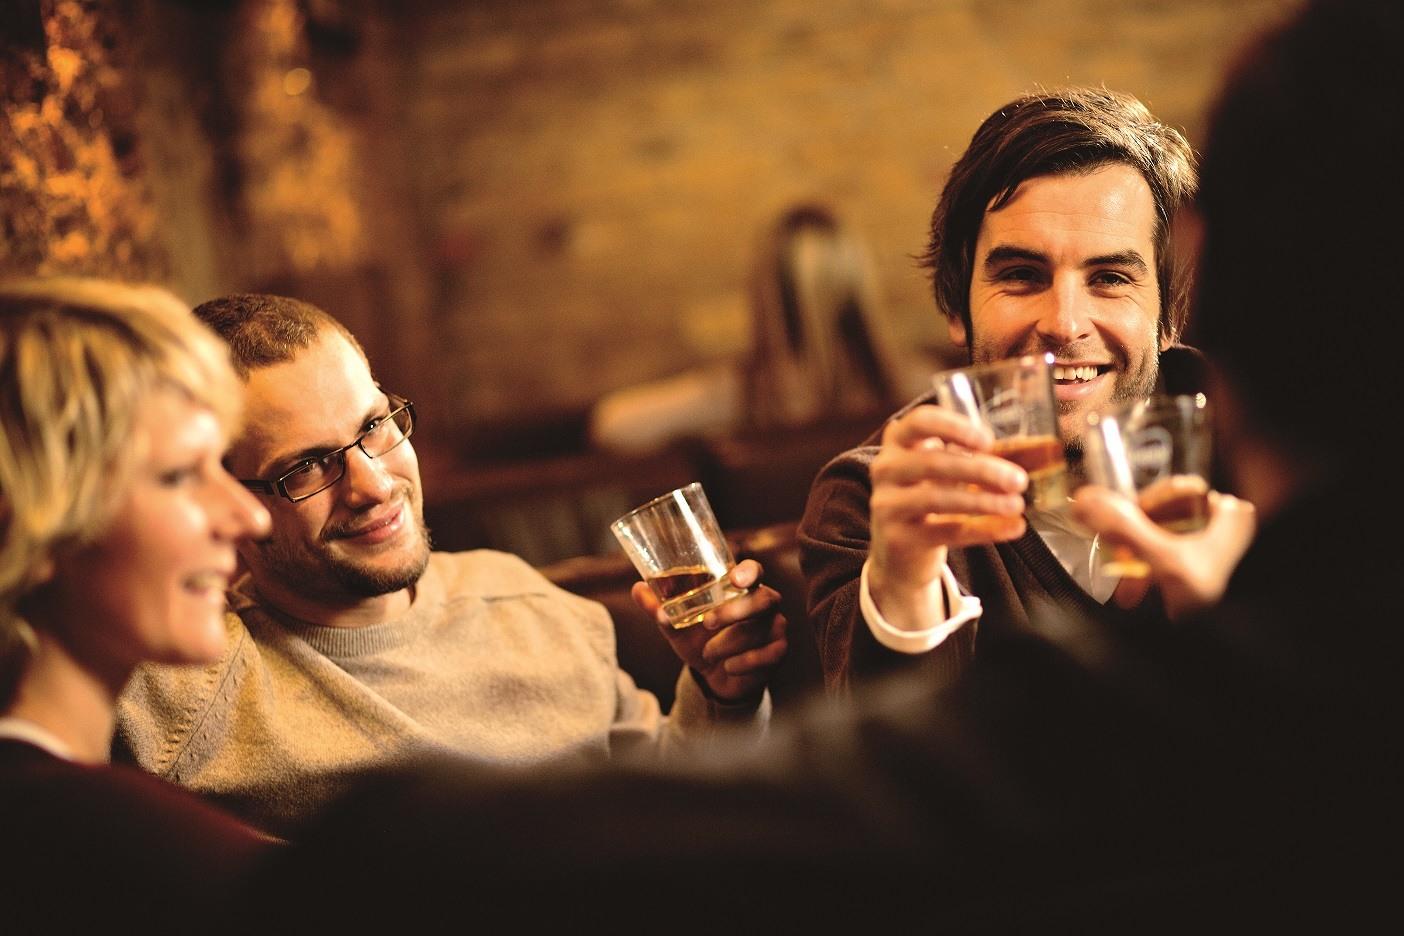 """""""Per me il whisky è sinonimo di libertà"""", mi disse il filosofo Giulio Giorello, che ne beveva un sorso prima di scrivere. <br> Ecco tutti i benefici del distillato più consumato al mondo"""